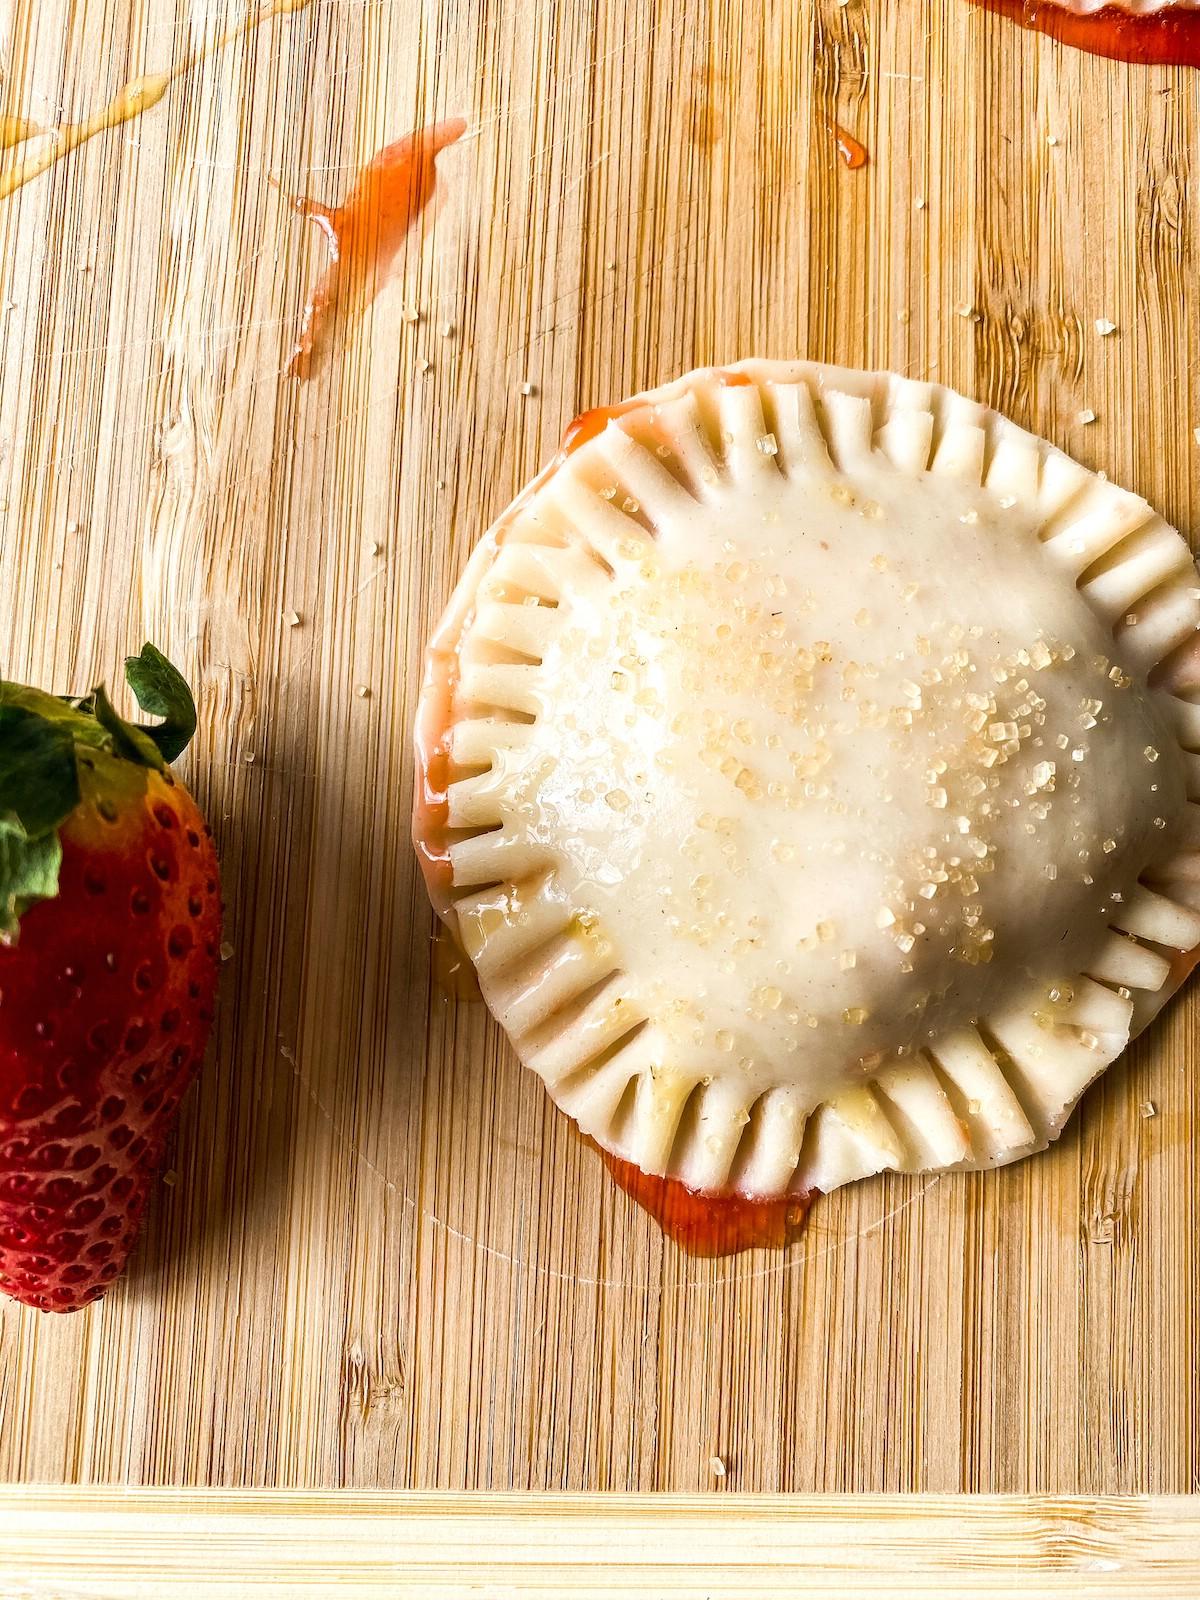 Strawberry hand pie before baking